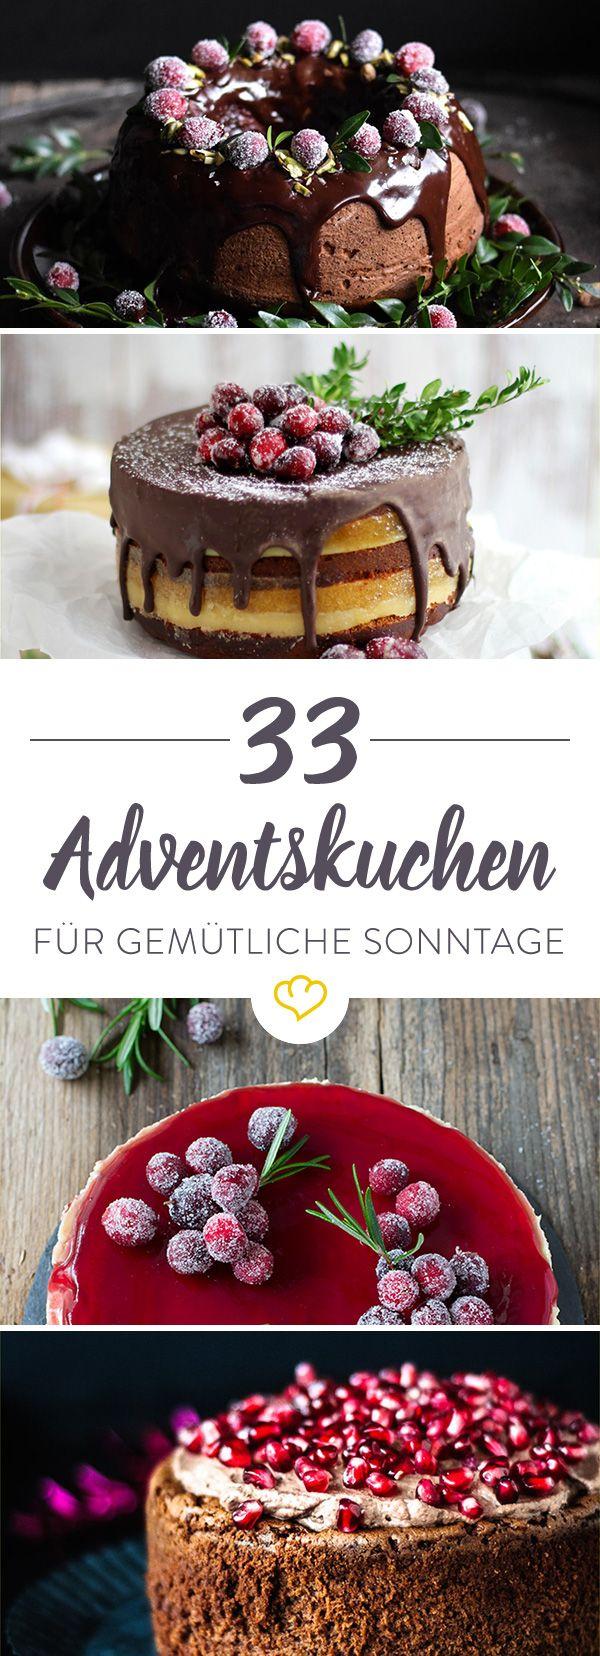 Adventskuchen: 33 mal Kaffee, Kuchen, Kerzenschein  – Leckereien